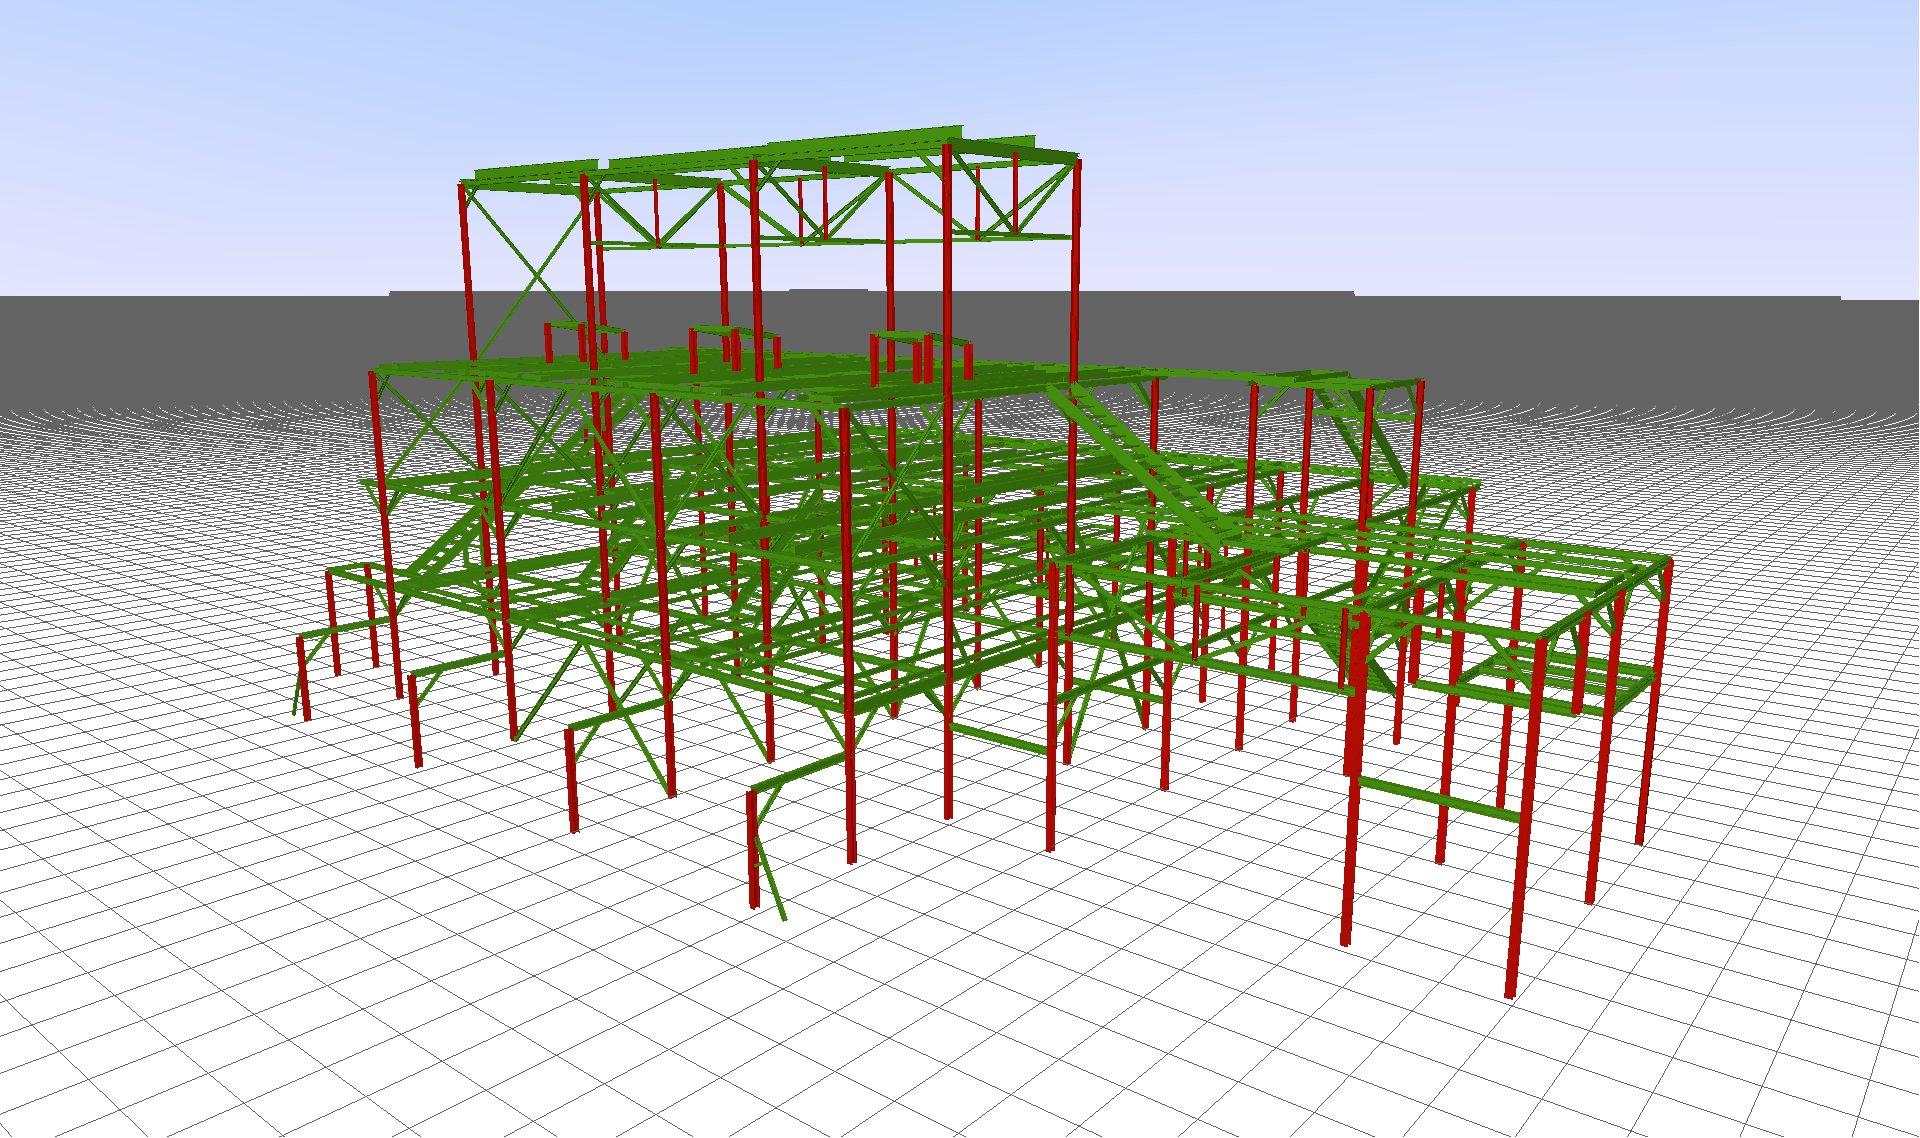 Planta de reciclaje 02 - Proyectos ACCE Ingeniería